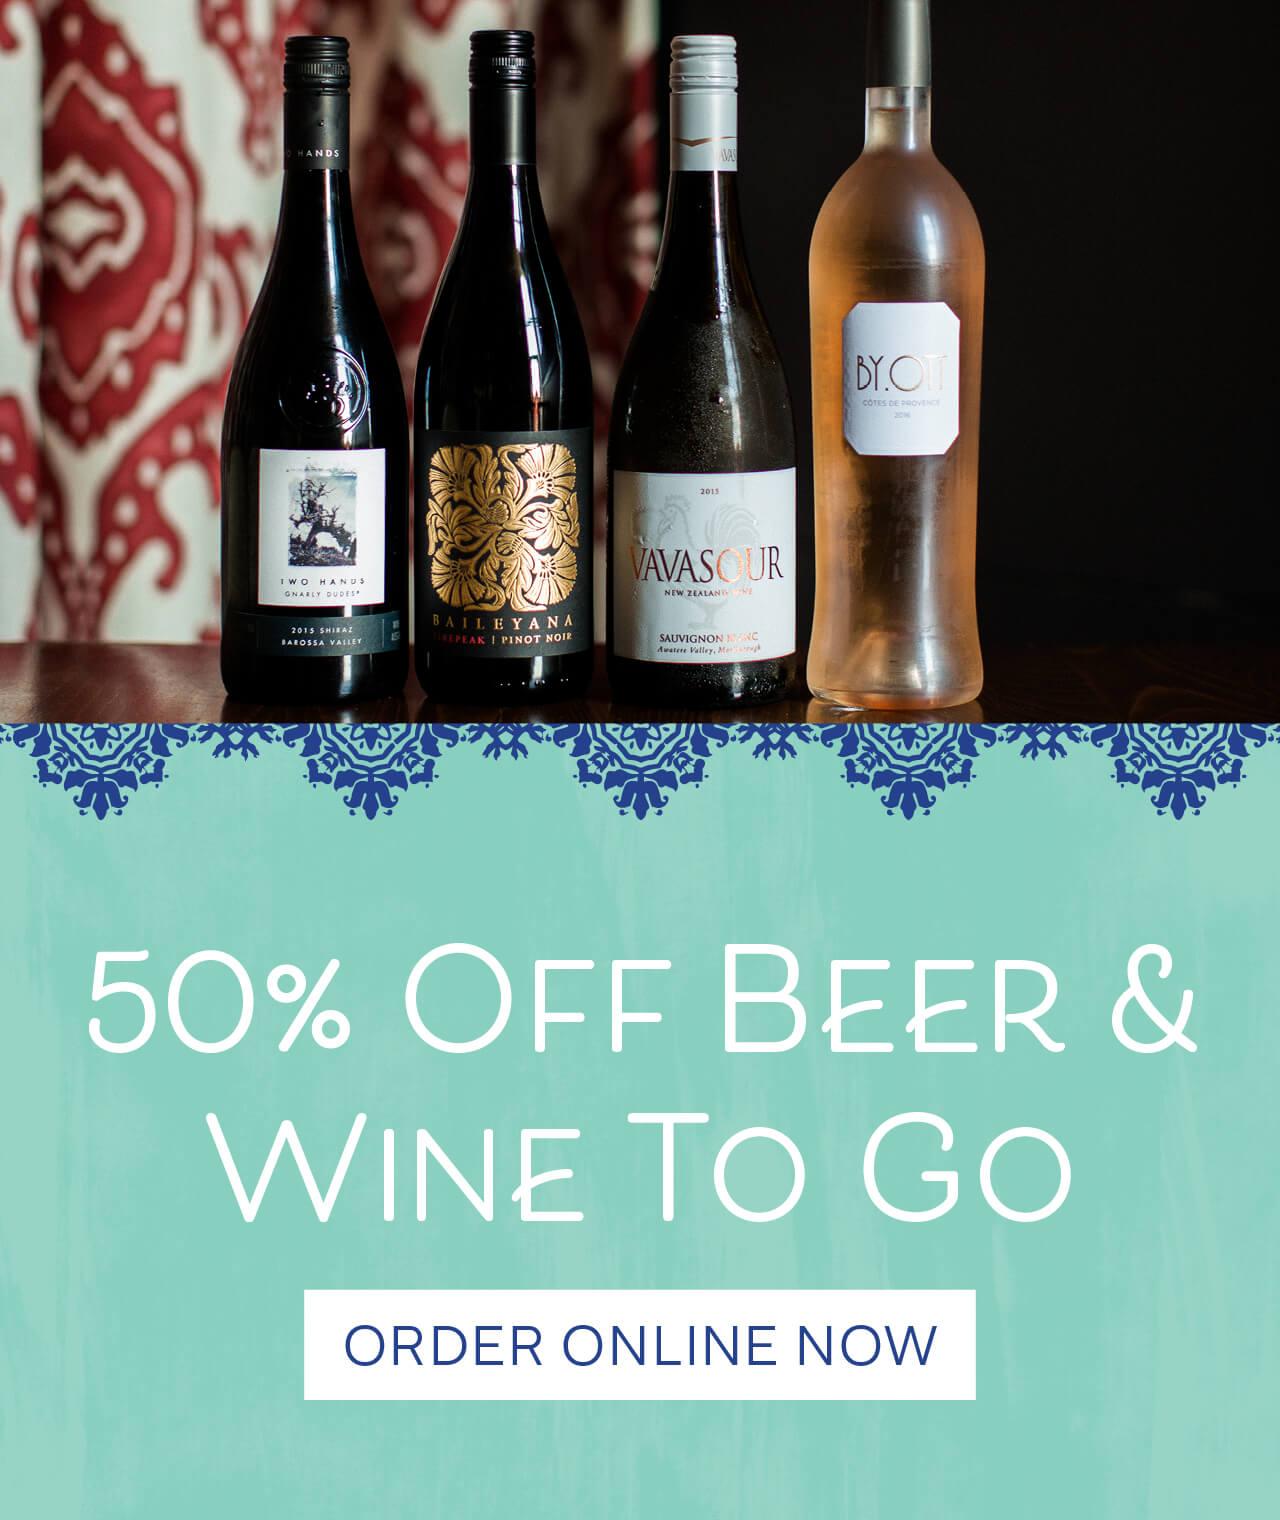 50% OFF BEER & WINE TO GO*